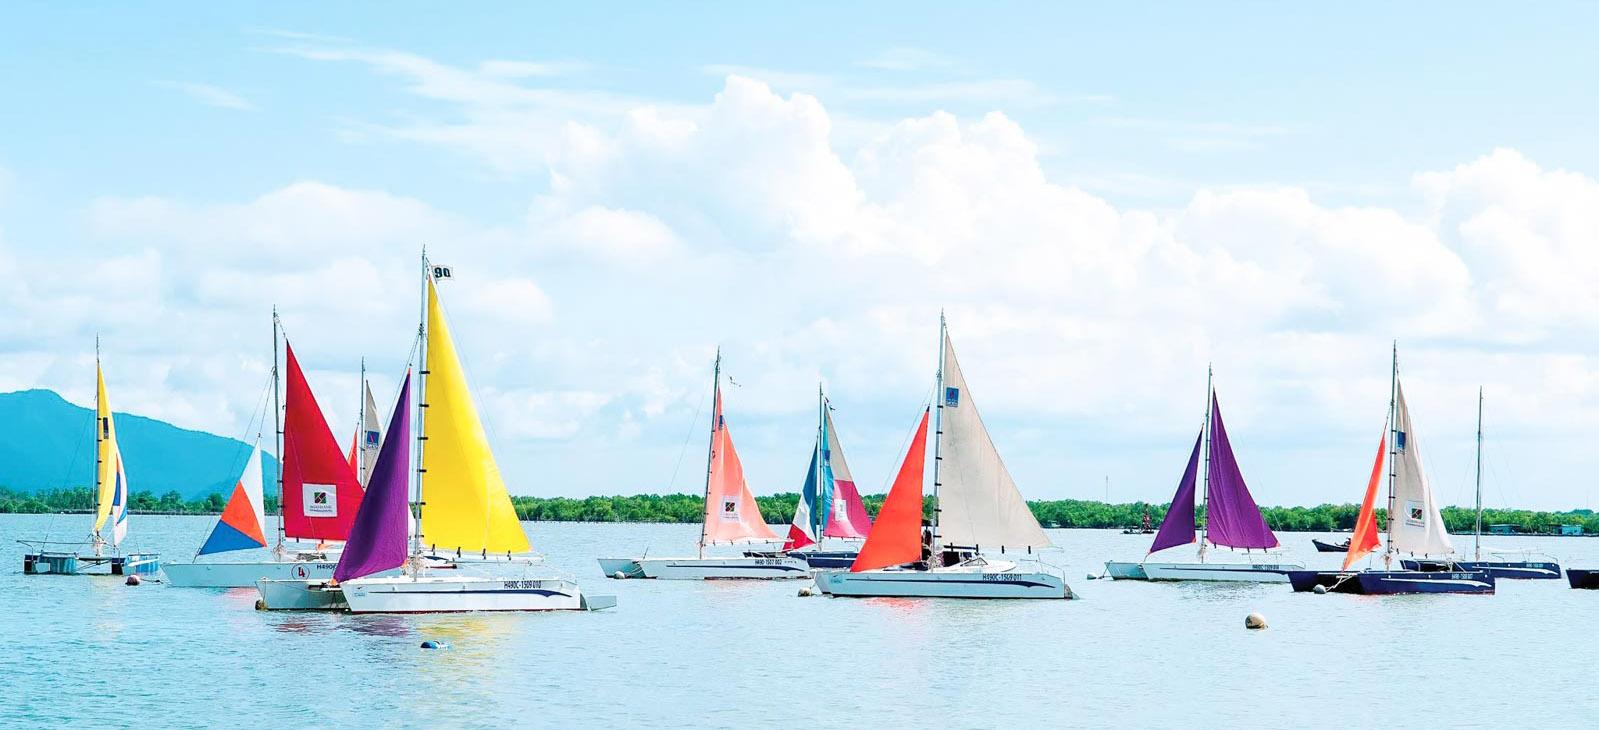 Ông Châu Văn Hùng: Có cộng đồng đủ mạnh, môn thuyền buồm sẽ đóng góp lớn cho du lịch biển 7